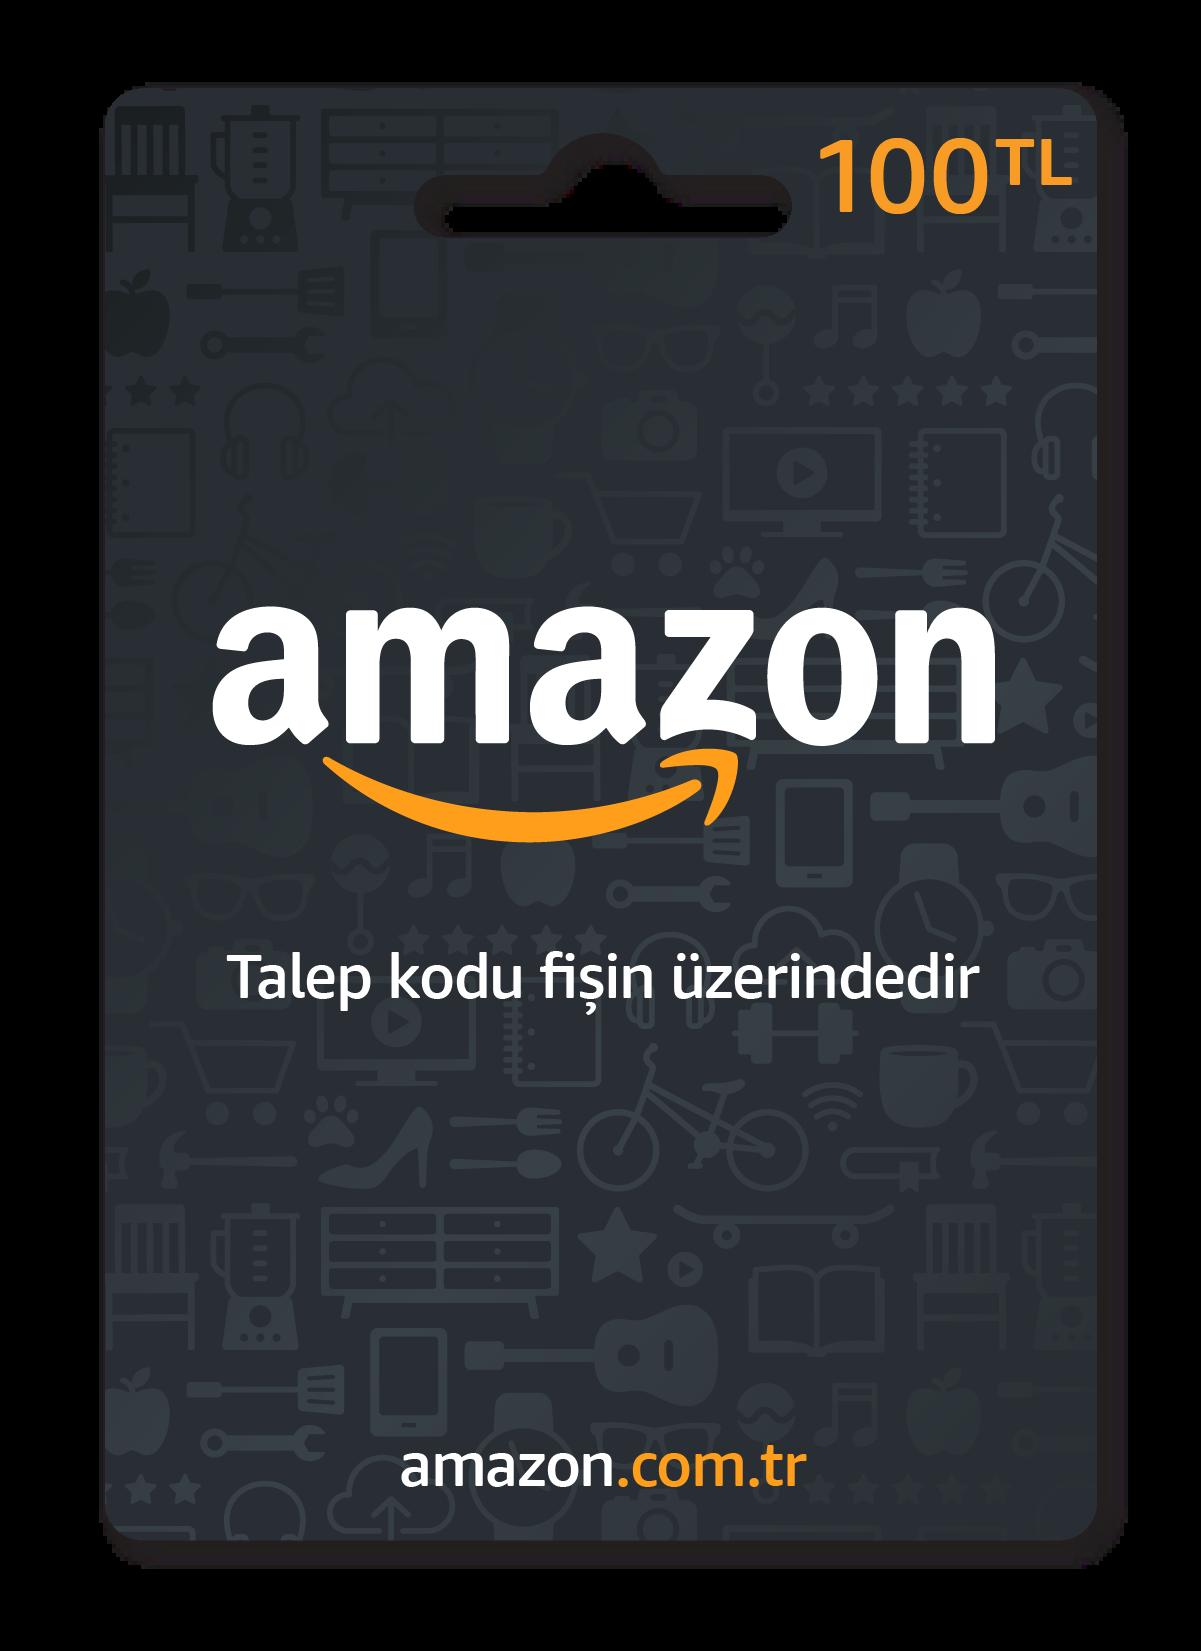 Amazon Türkiye'den kartsız online alışveriş dönemi